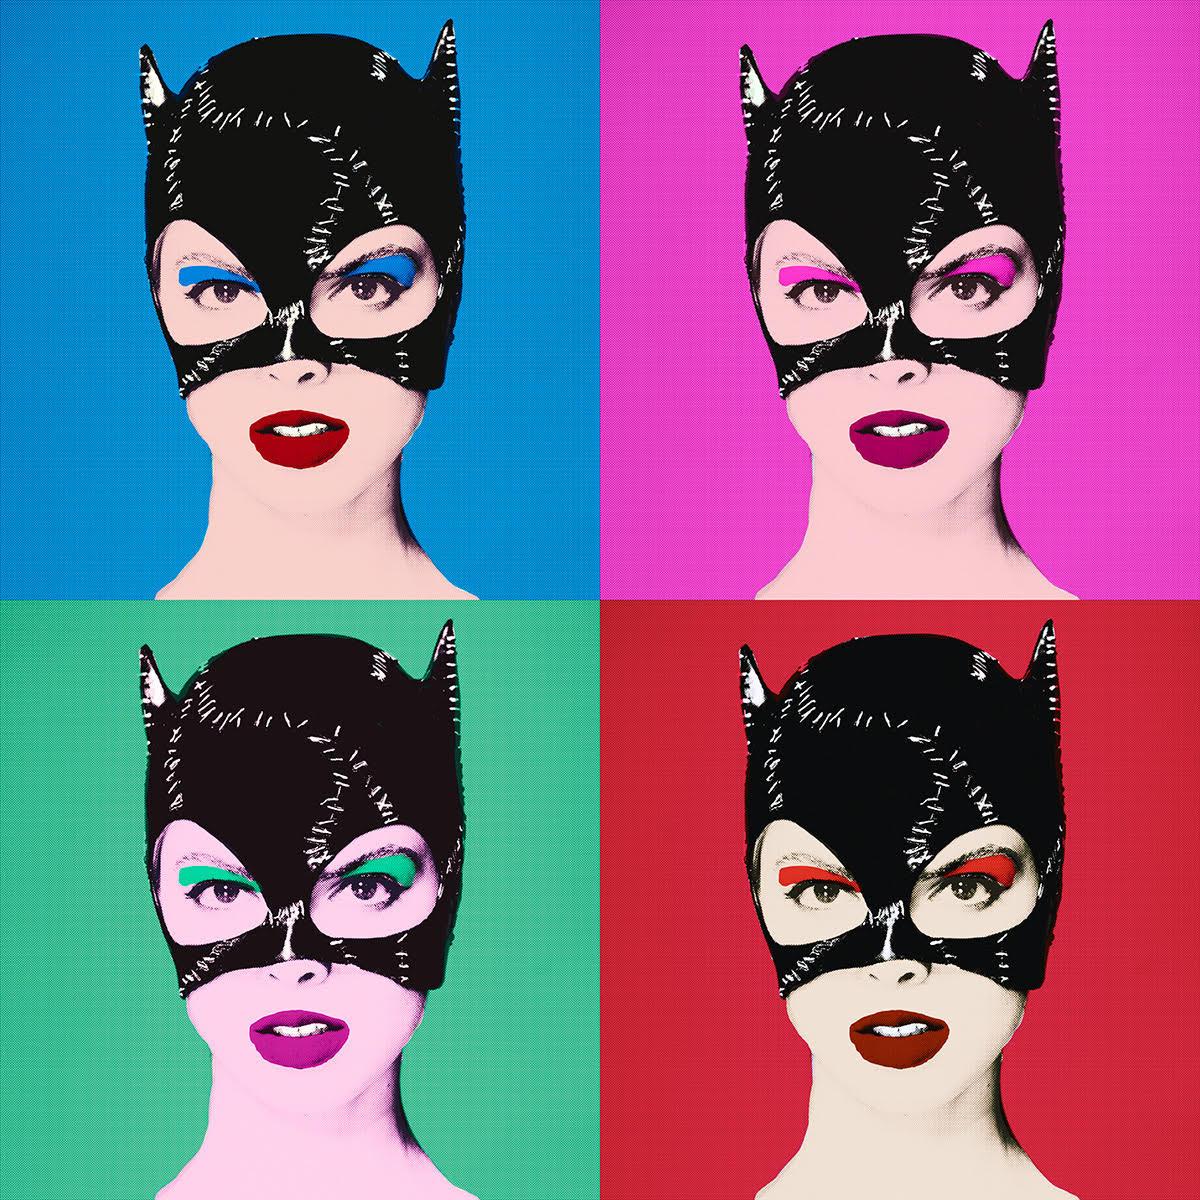 CAT by Tyler Shields